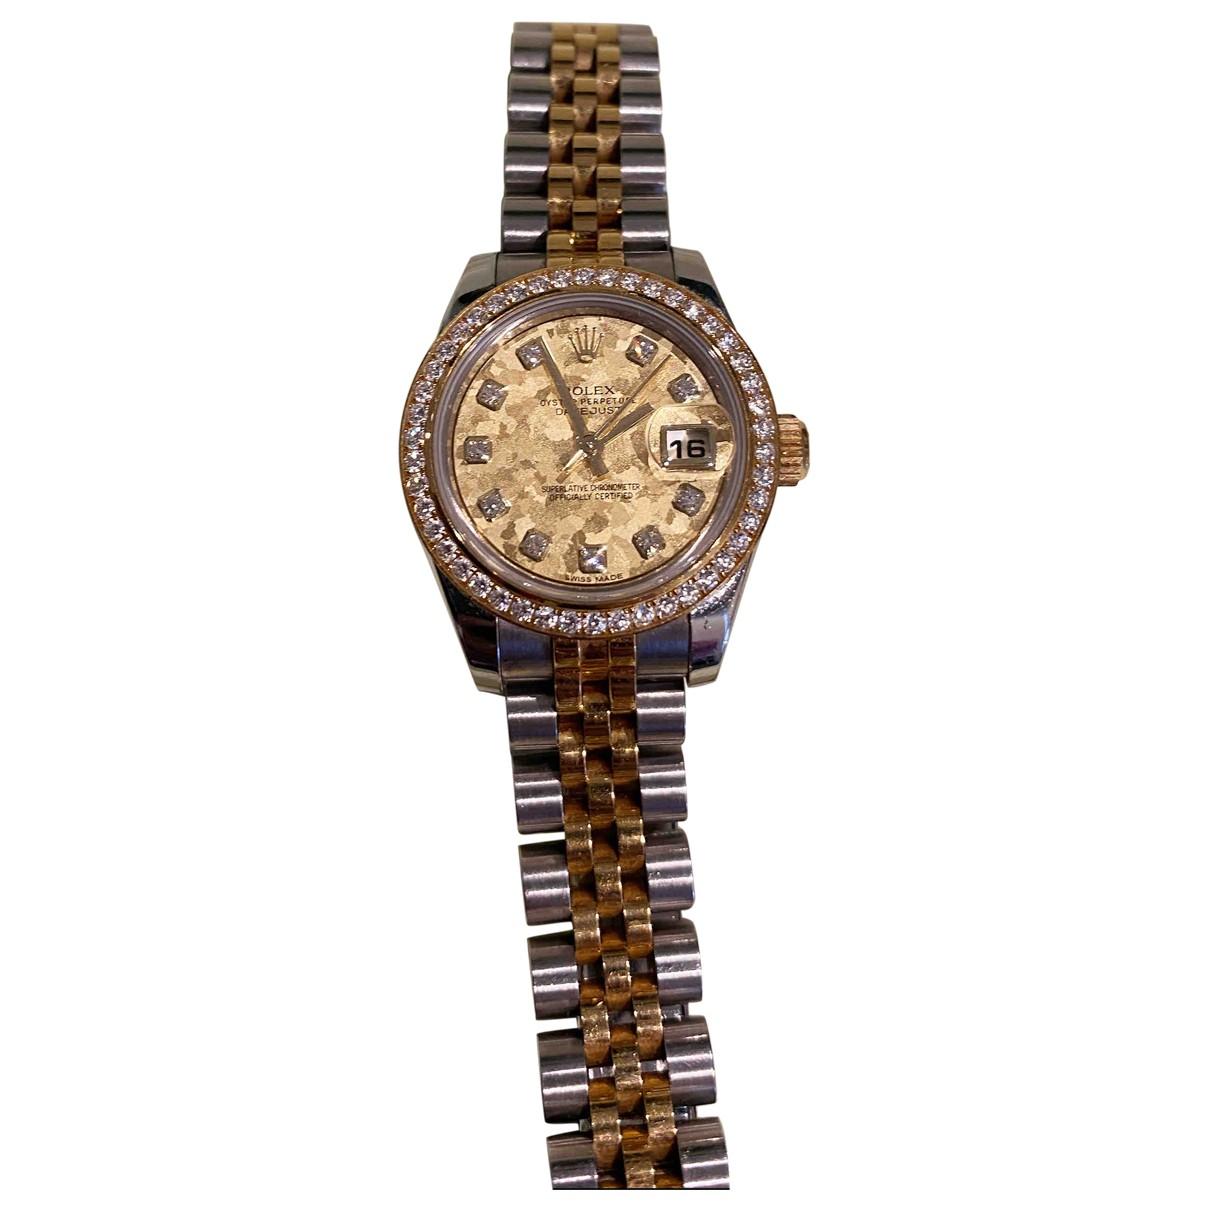 Rolex Lady DateJust 28mm Uhr in  Gold Gold und Stahl